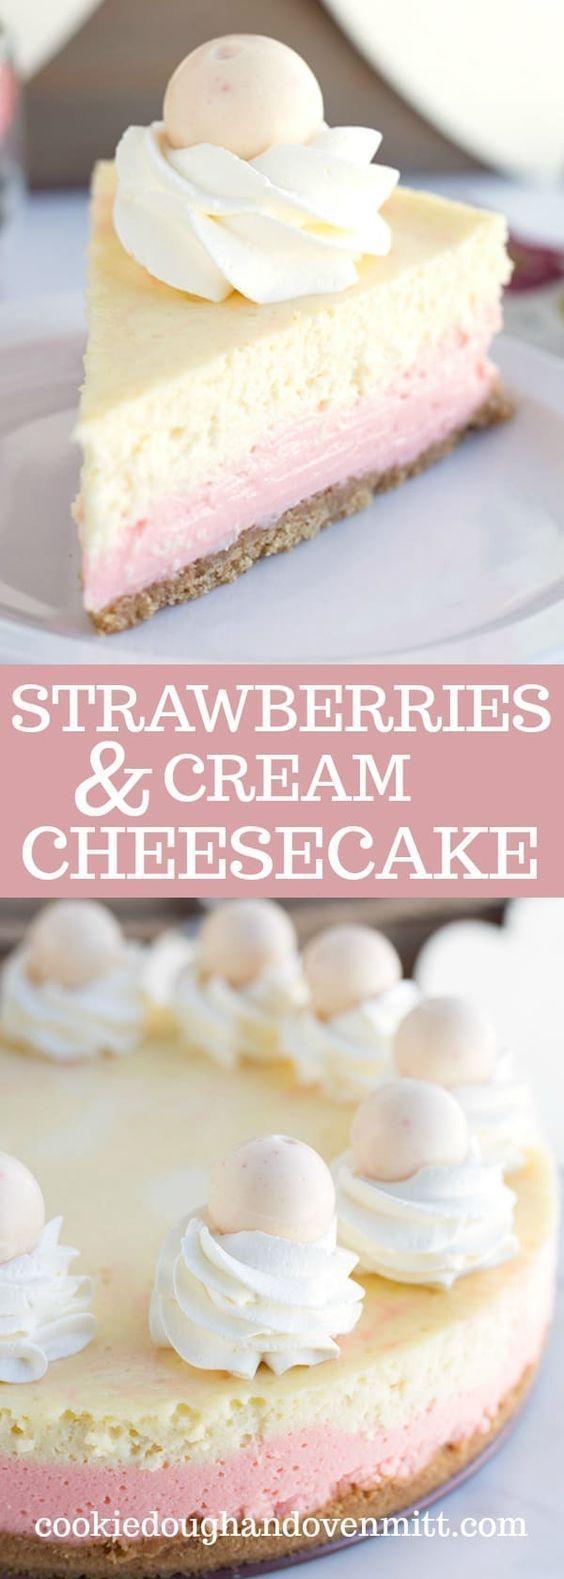 Strawberries and Cream Cheesecake - Strawberries amp Cream Cheesecake -